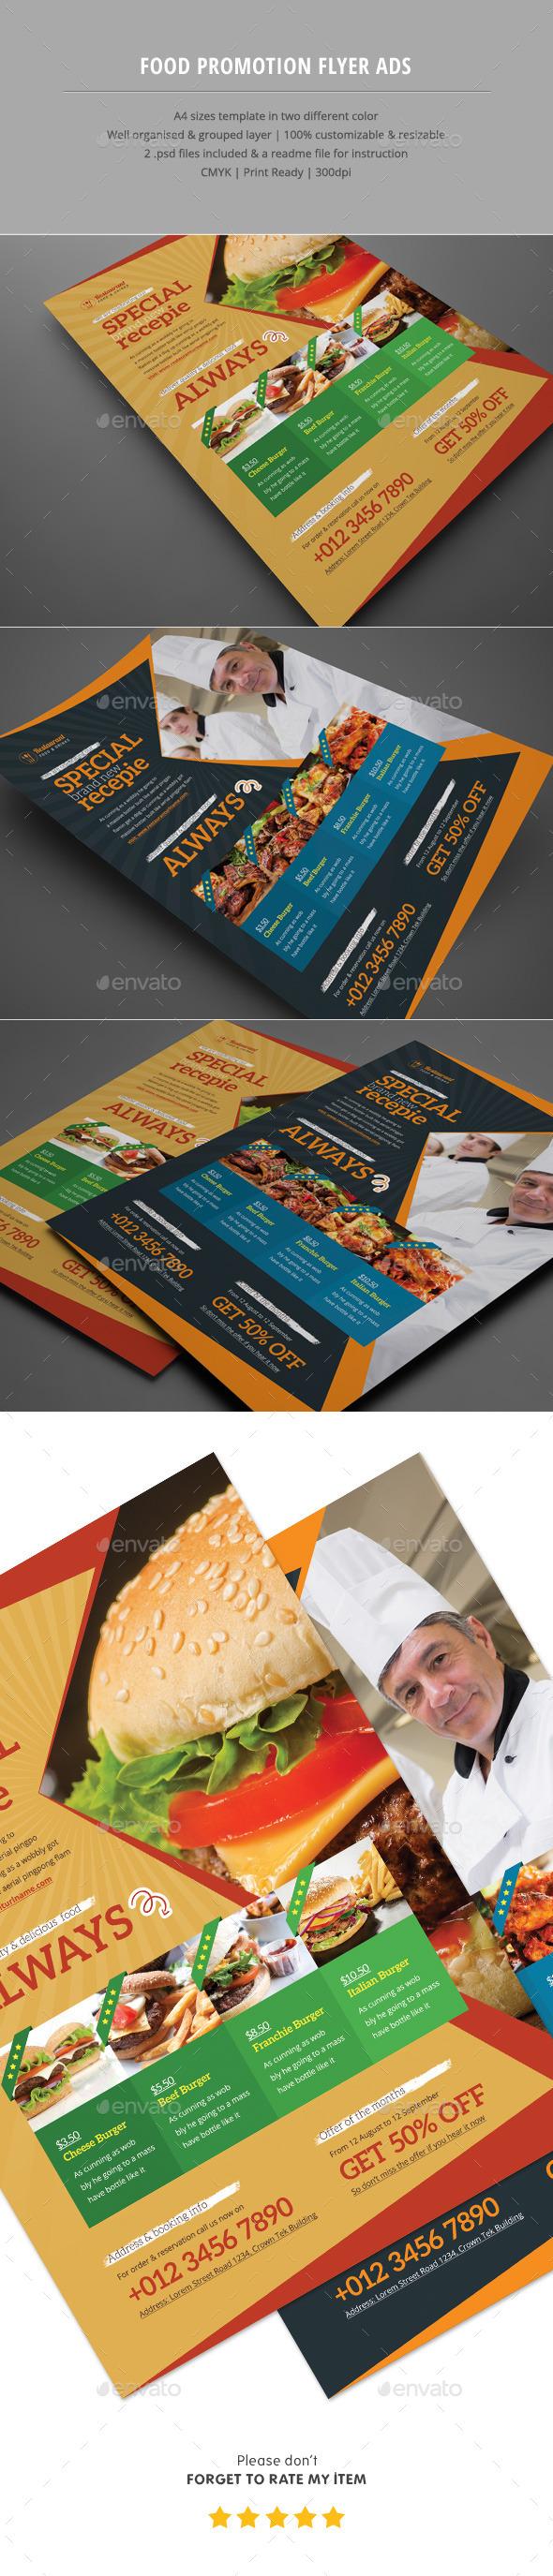 Food Promotion Flyer Ads - Restaurant Flyers